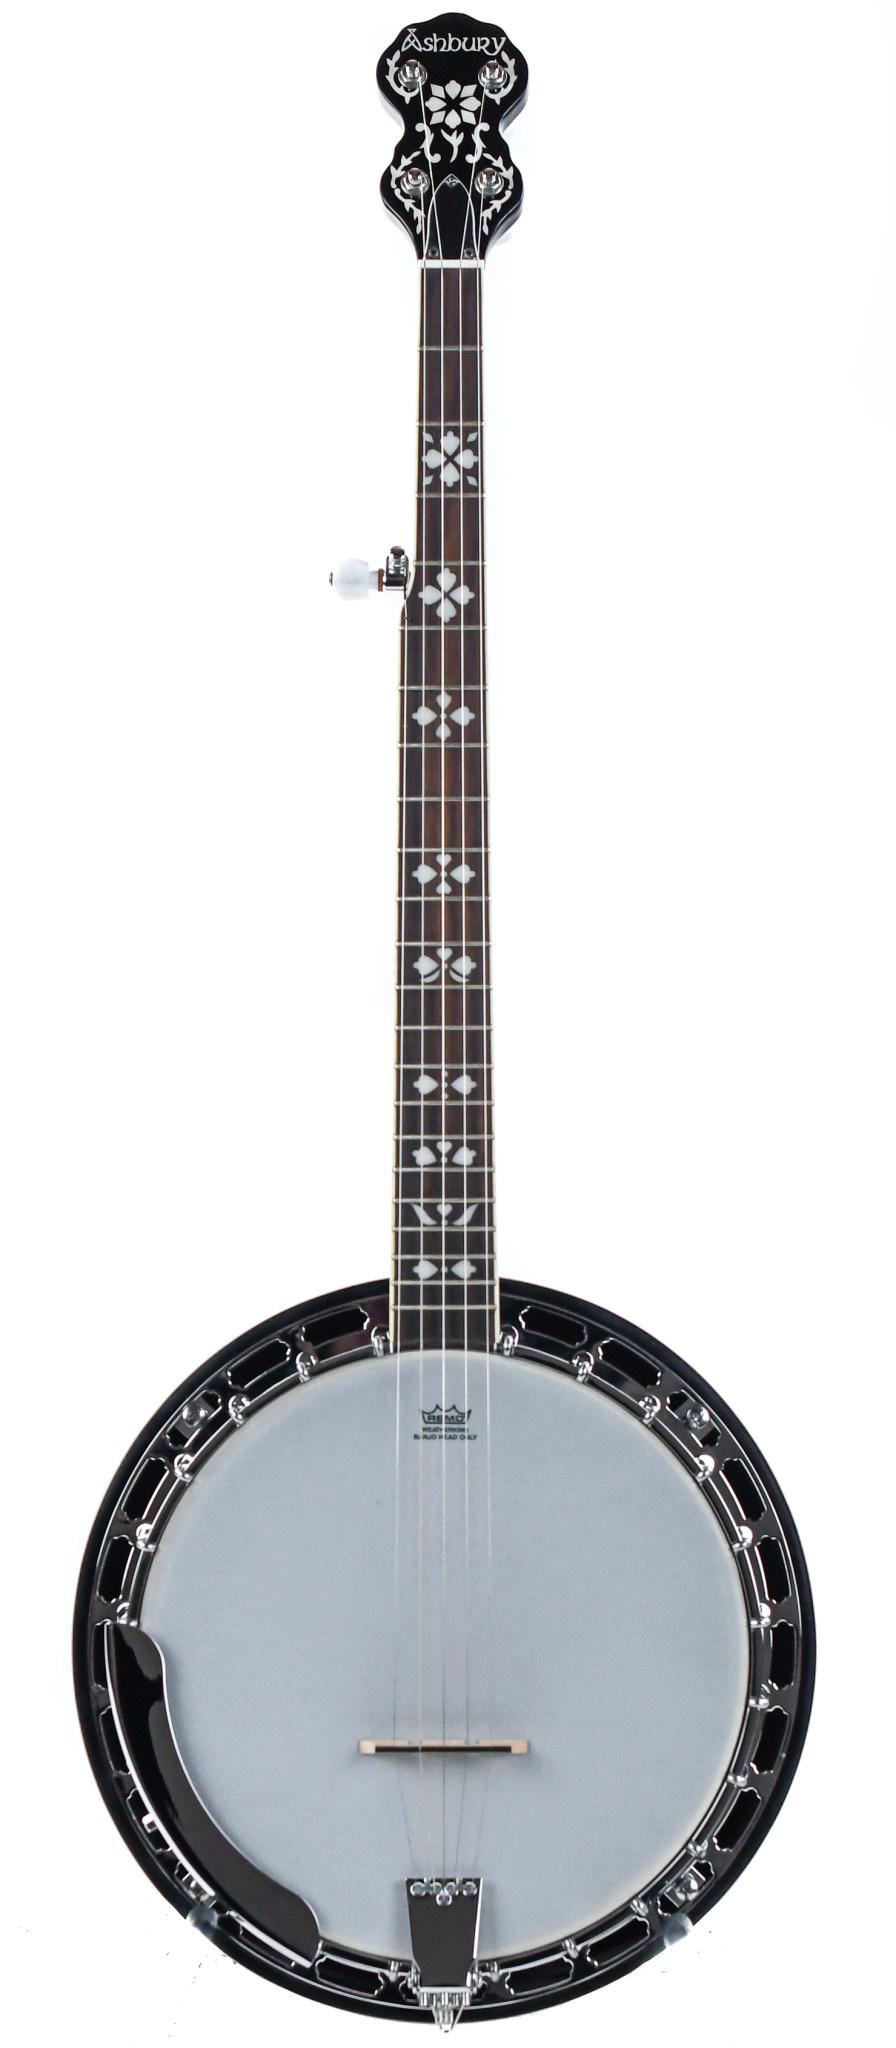 Ashbury AB45 5 String Resonator Banjo